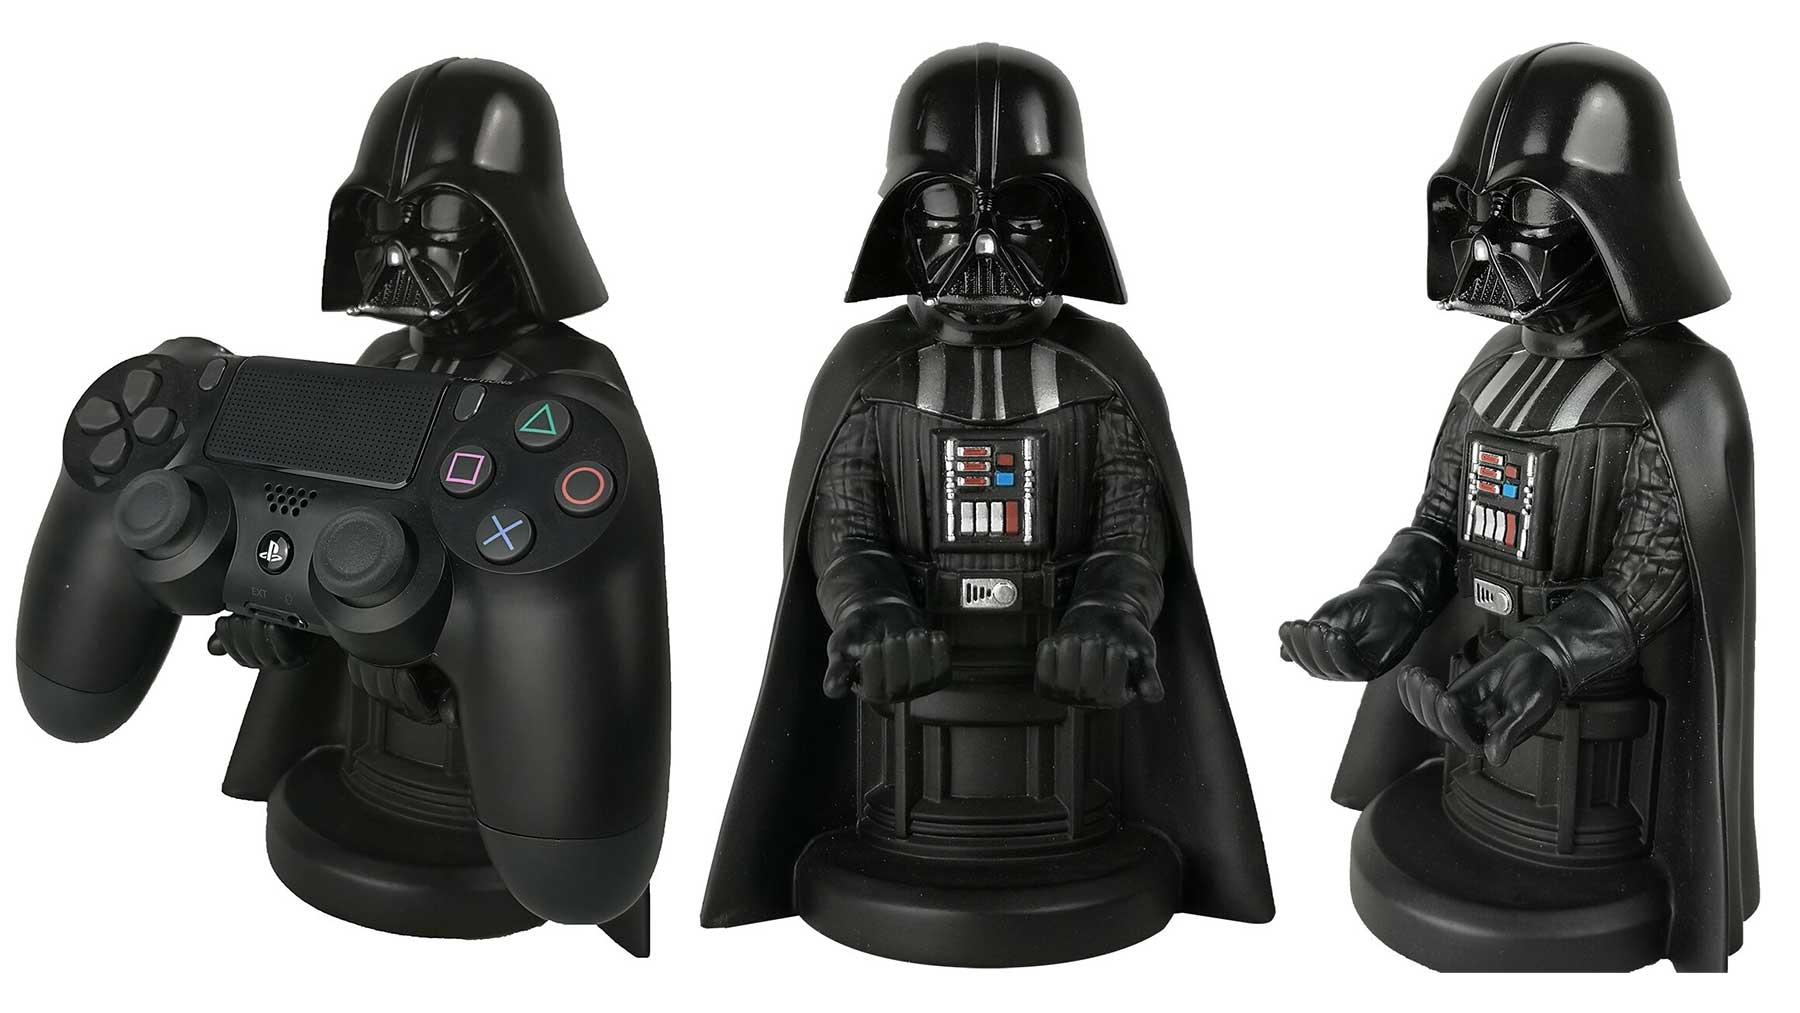 GEWINNT 3 Pakete LEIBNIZ STAR WARS™: Butterkekse in Form von Yoda, Darth Vader & Co.! Cable-Guy-Darth-Vader